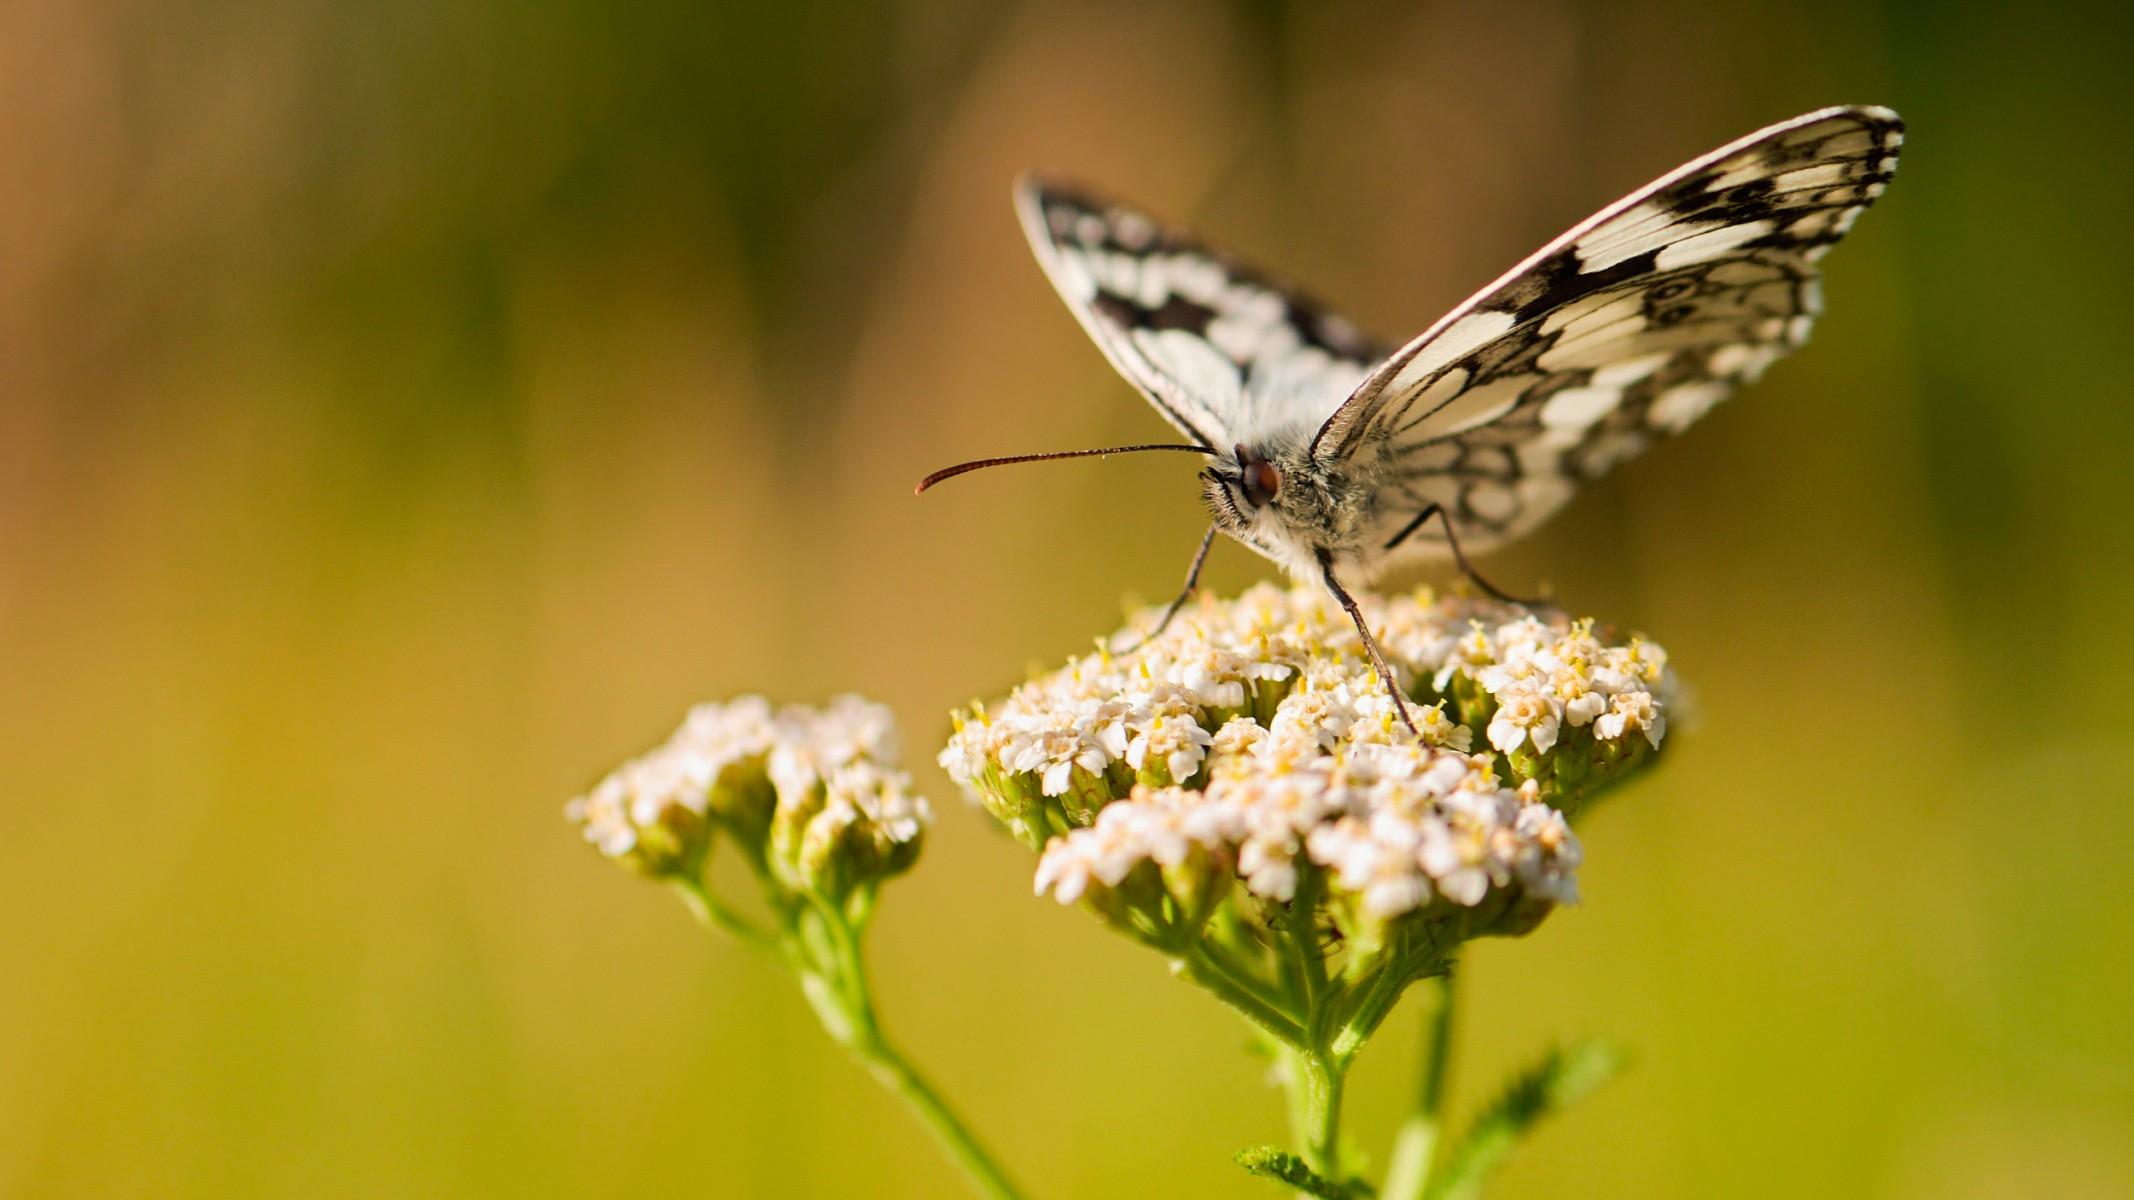 pDer-Schachbrettfalter-ist-Schmetterling-des-Jahres-2019nbspAls-Oumlkologe-und-Naturfilmer-versteht-David-Cebulla-seine-Arbeit-auch-als-Beitrag-zur-Umweltbildungp